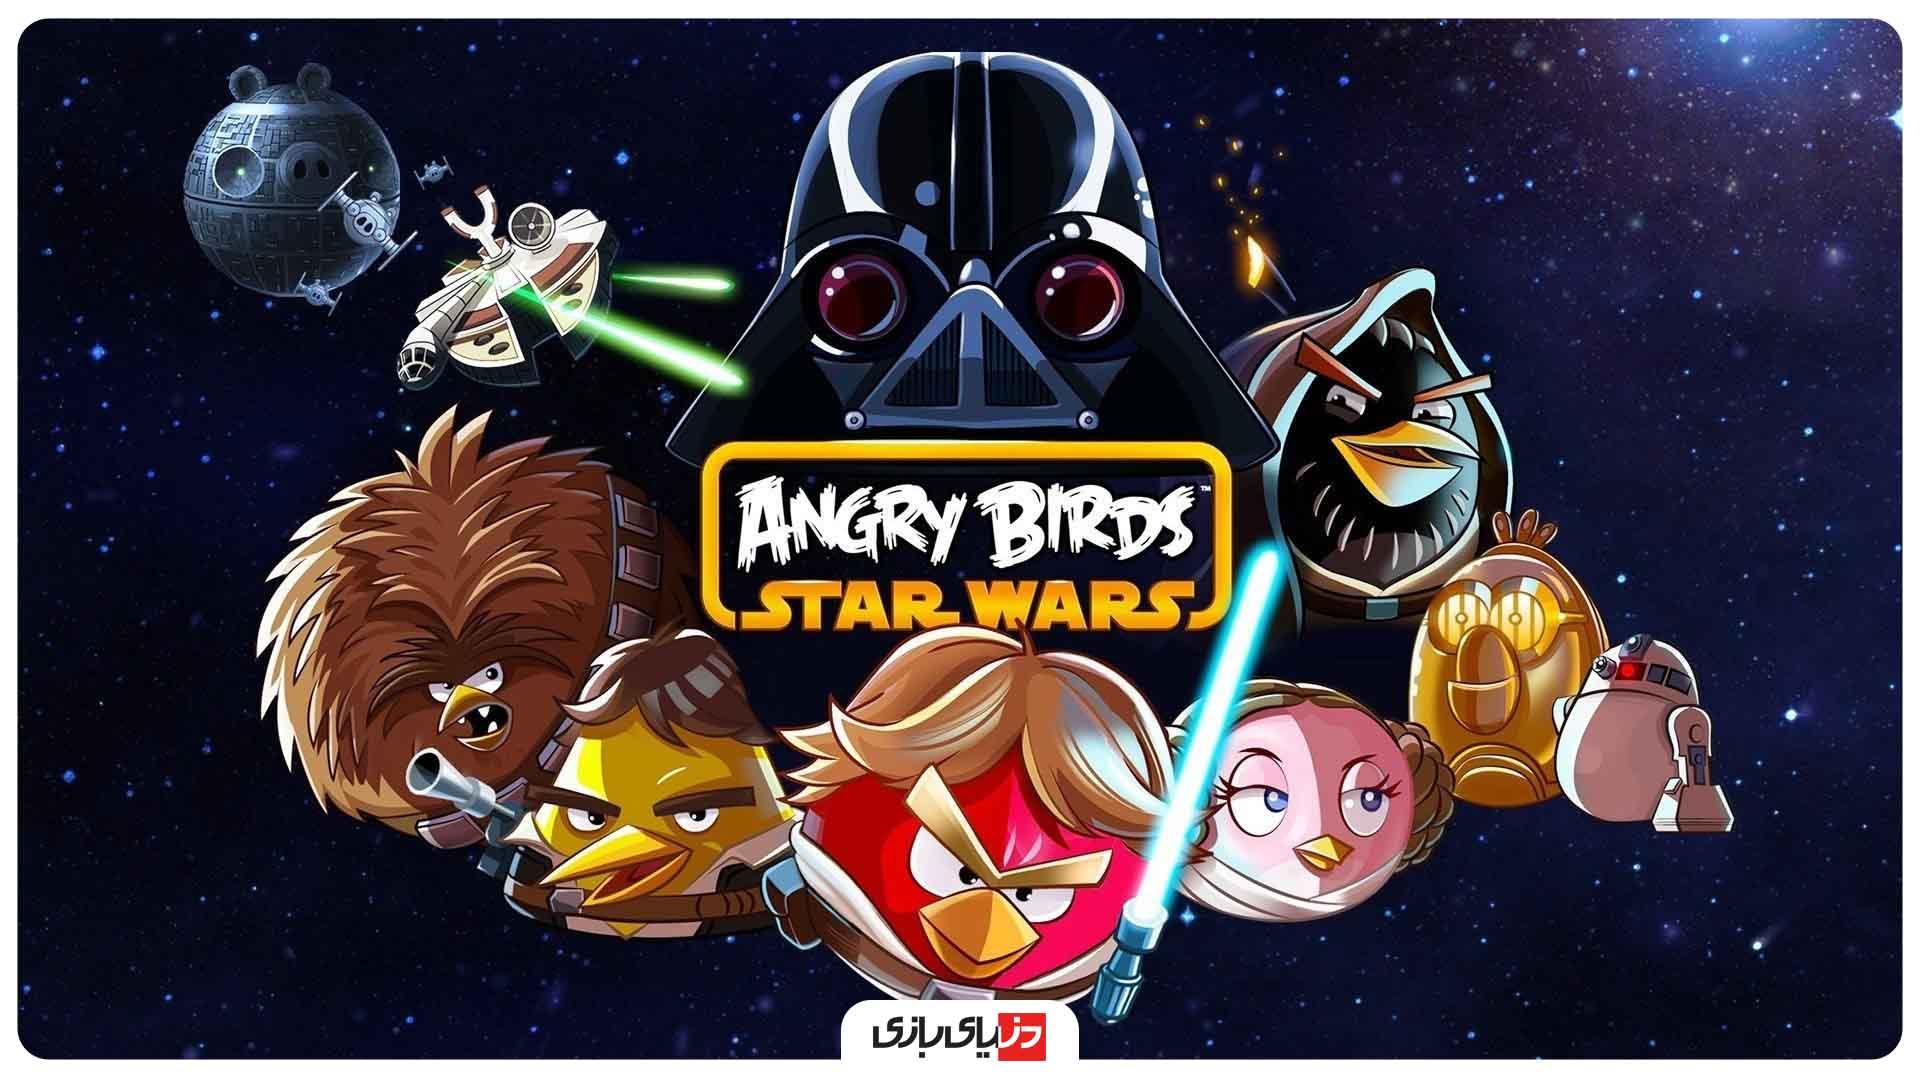 بازی های انگری بردز - انگری بردز جنگ ستارگان (نوامبر 2012)